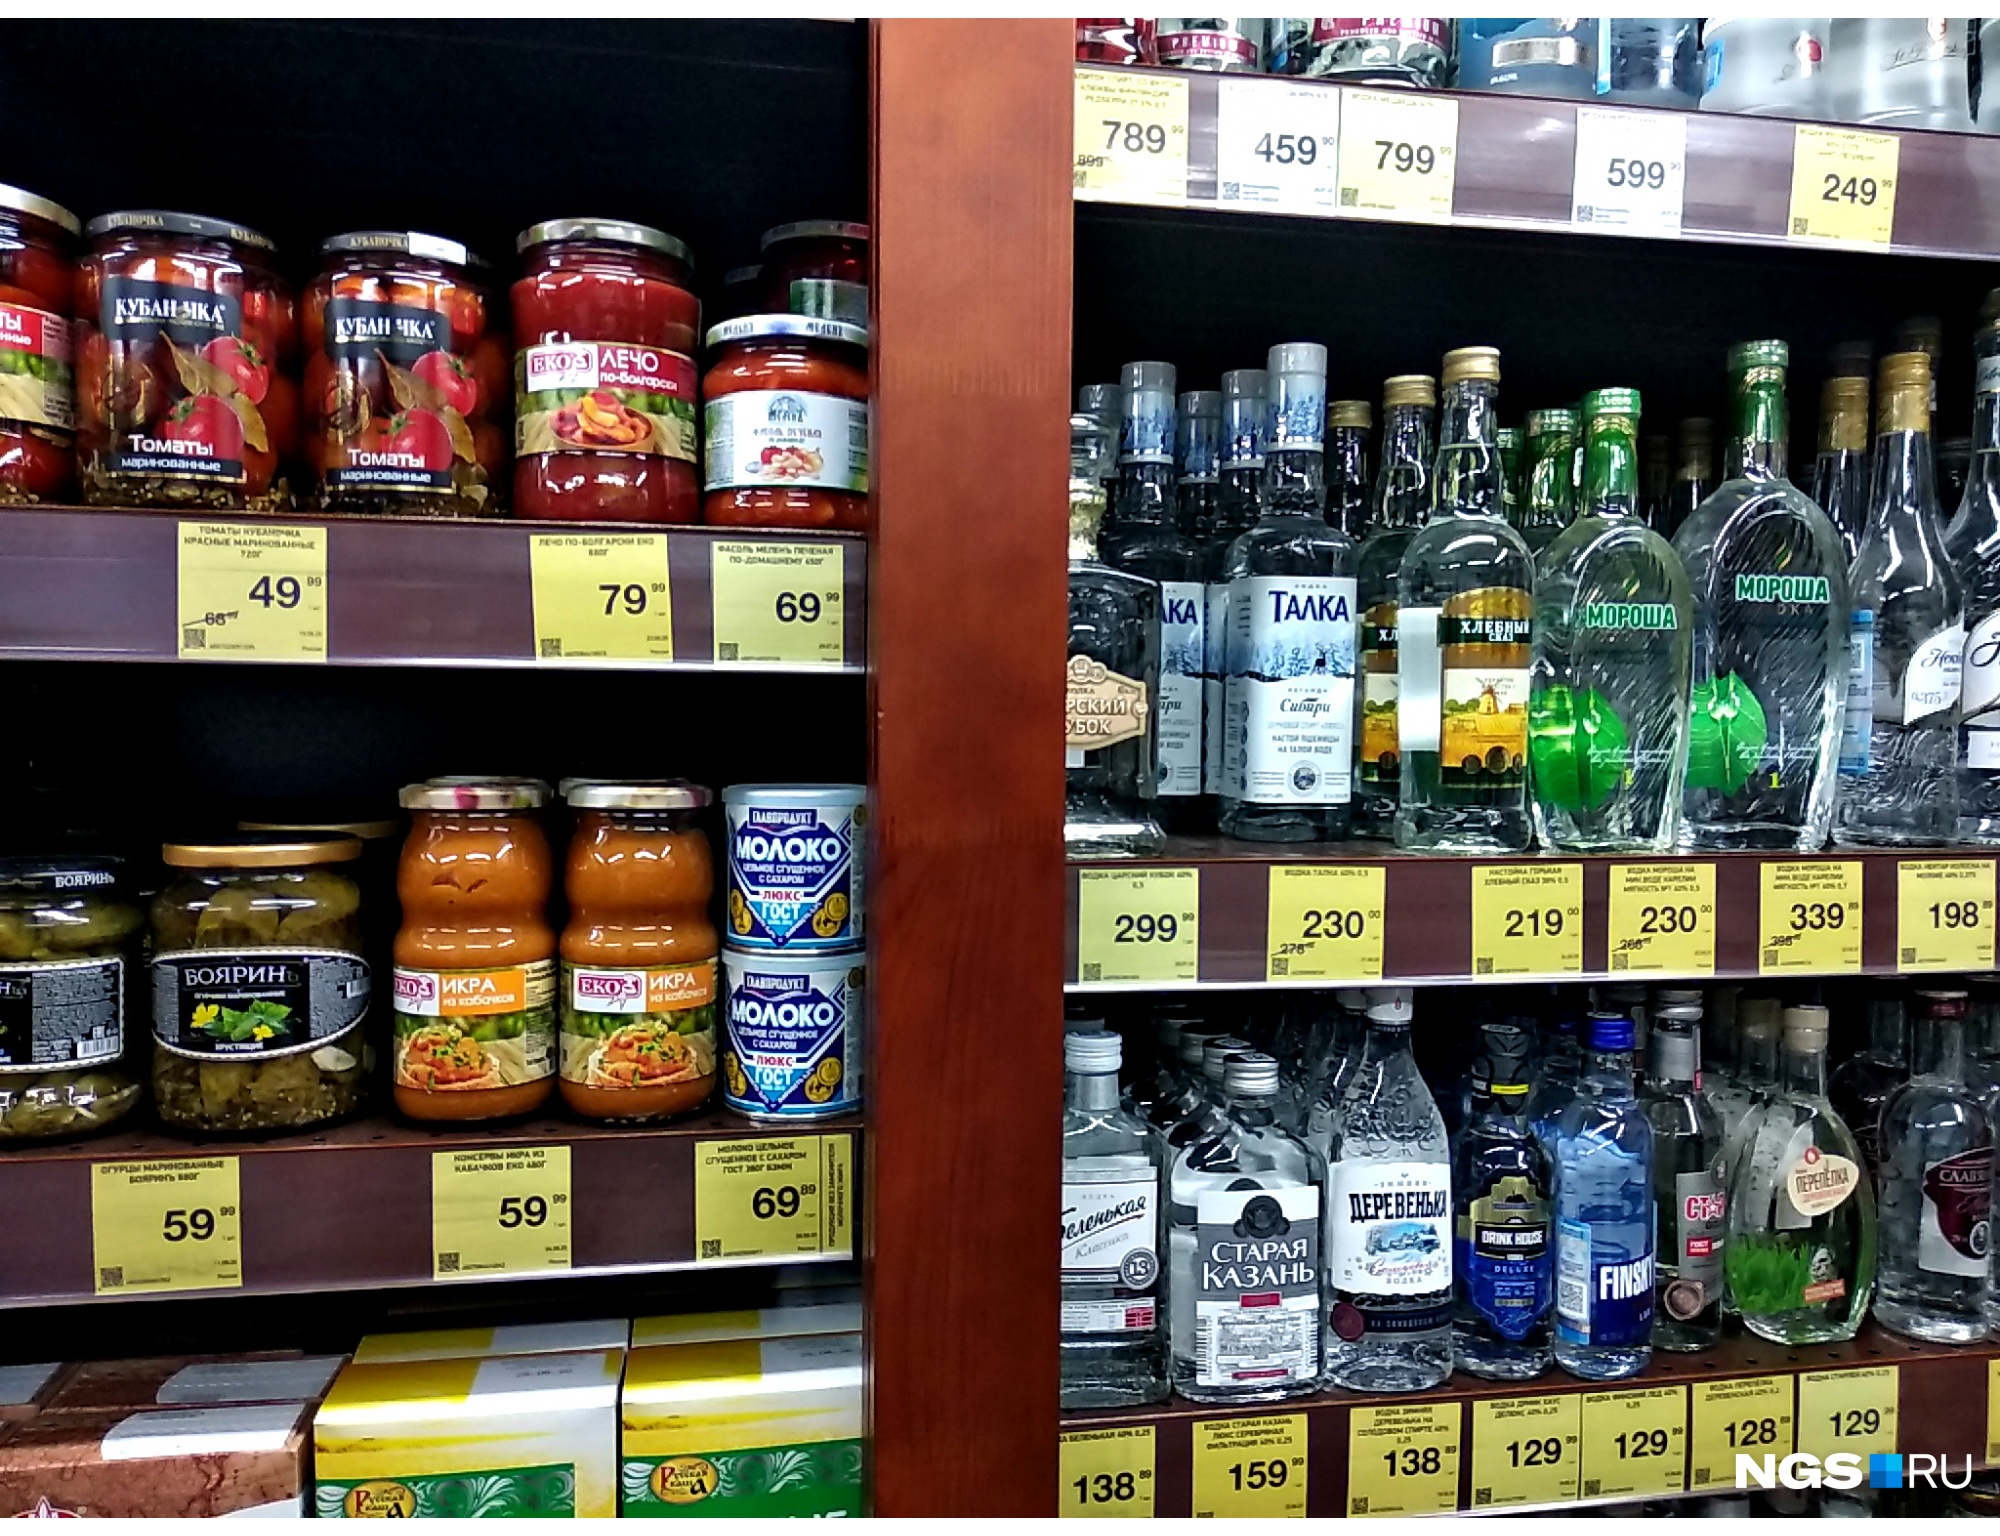 Магазины «Красного и Белого» предлагают не только выпивку, но и закуску